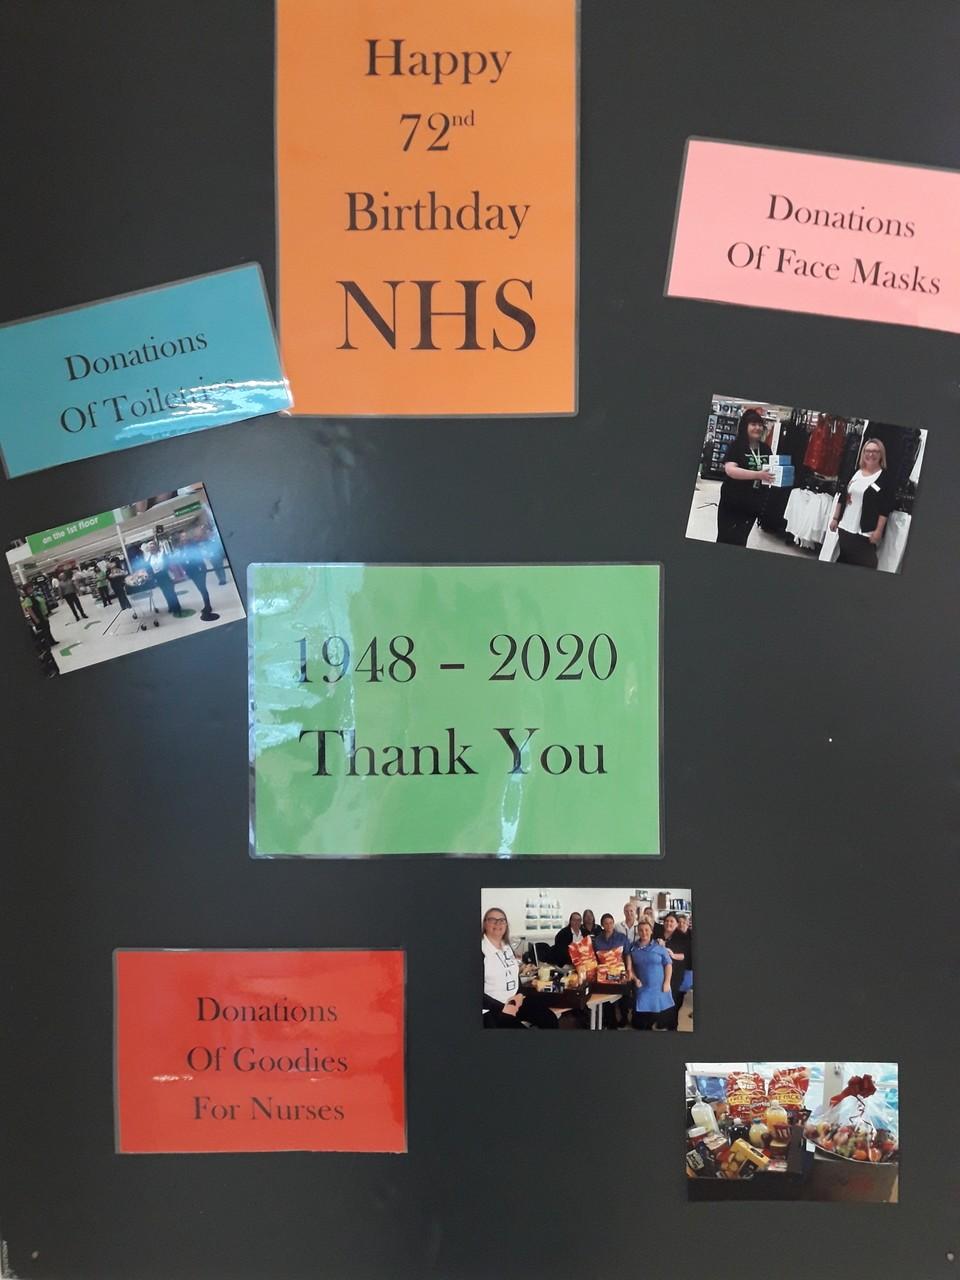 Happy 72nd Birthday NHS | Asda Gateshead